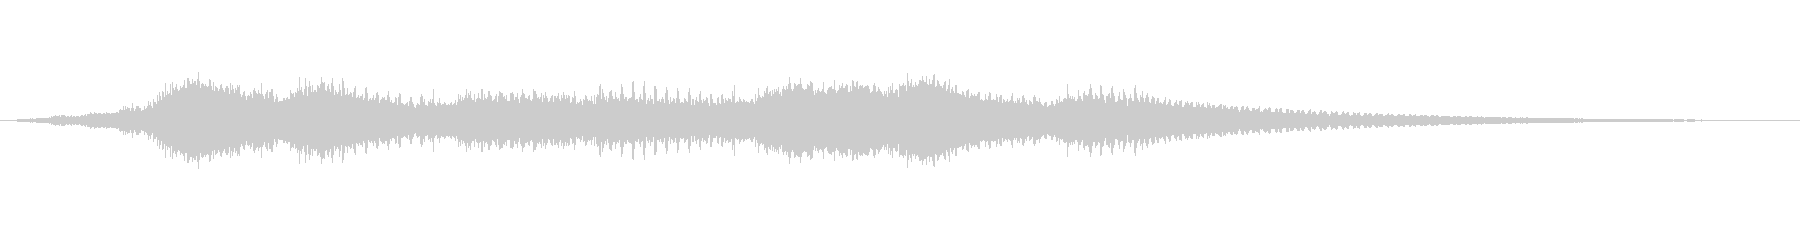 FI デバイス グリッチスキャナー03の未再生の波形